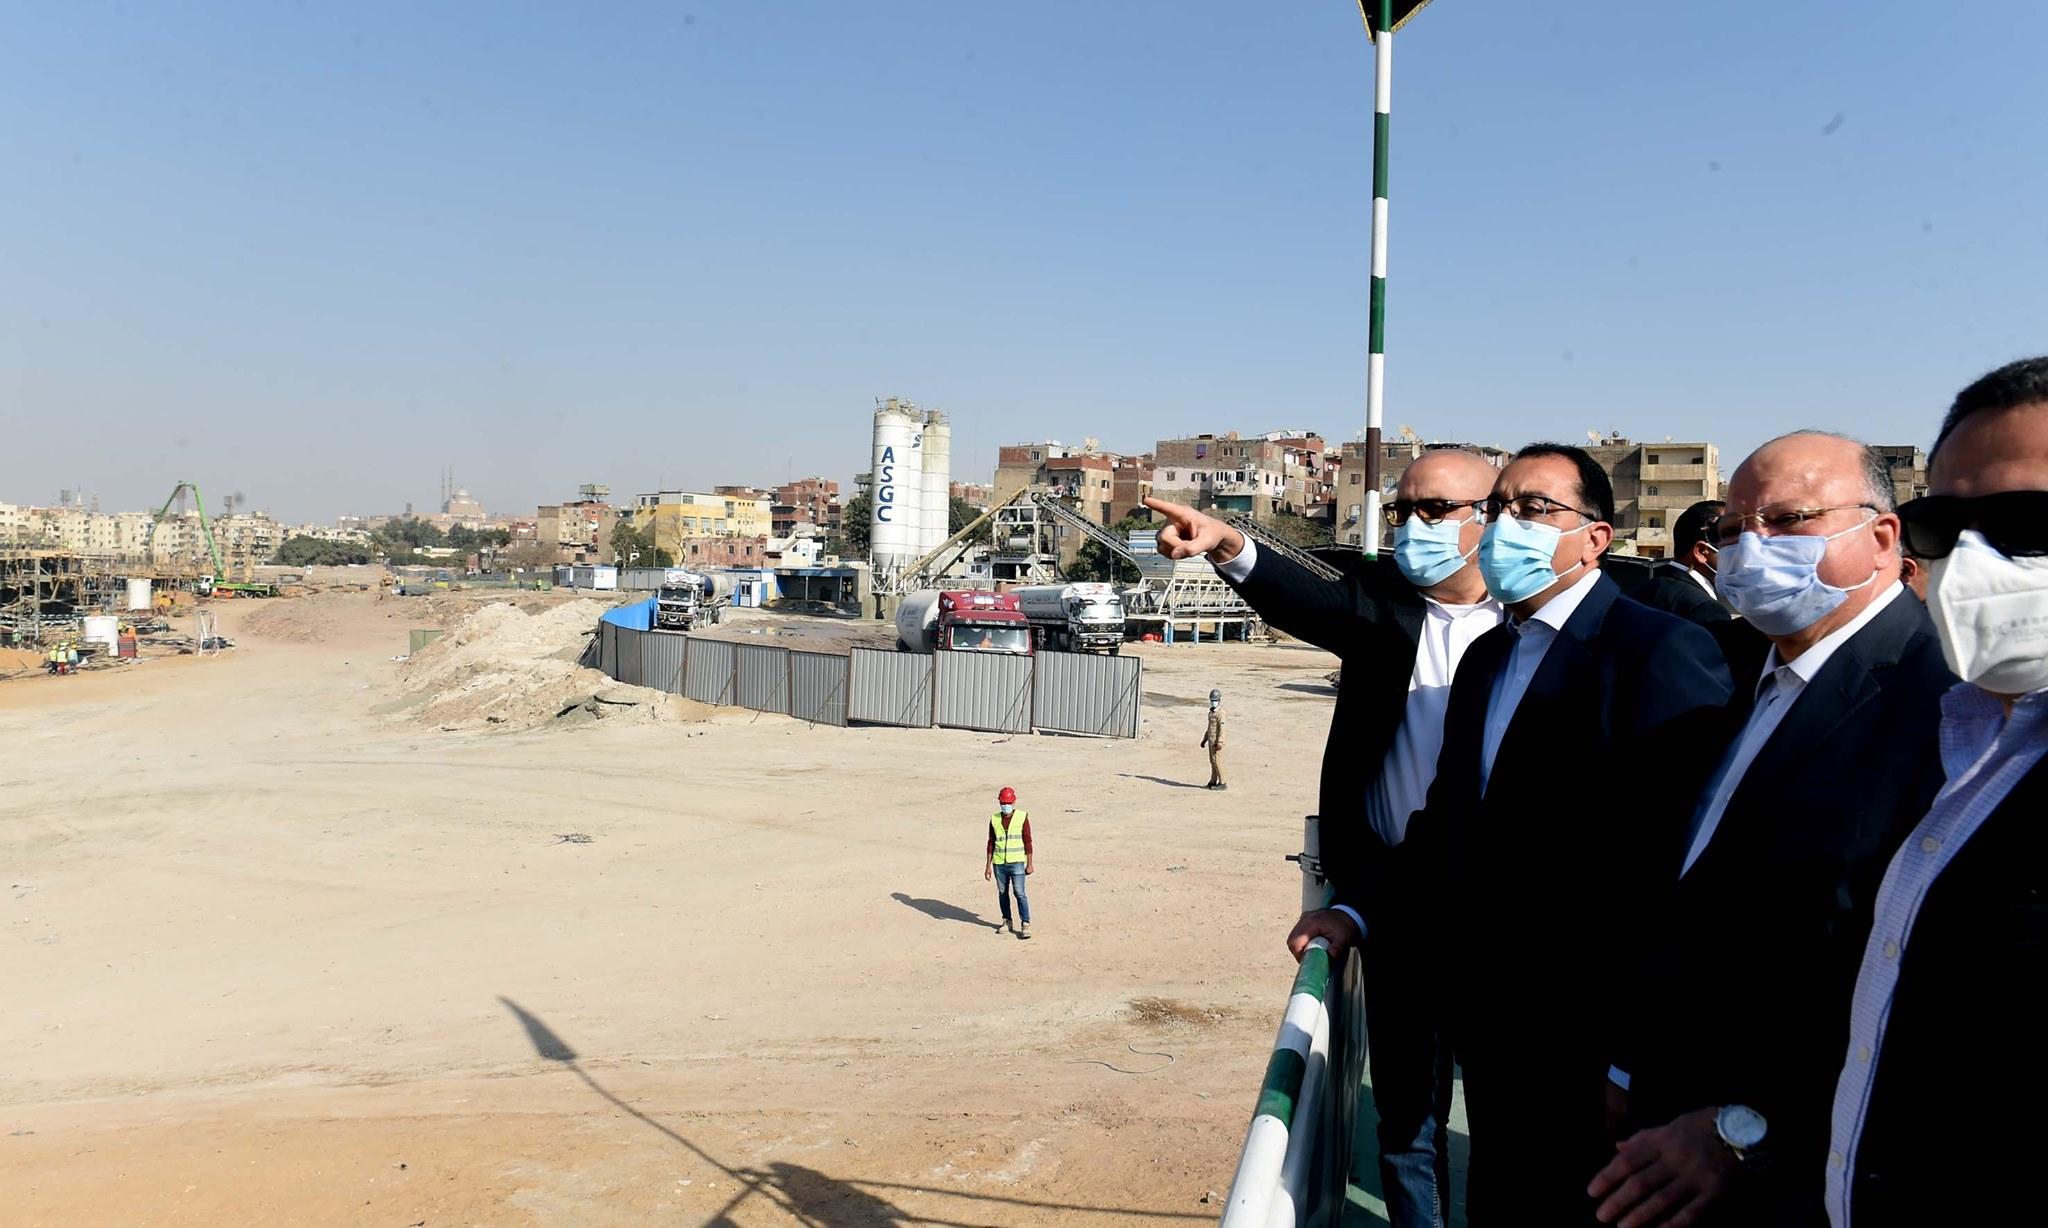 صور | رئيس الوزراء يتفقد مشروع تطوير منطقة سور مجرى العيون